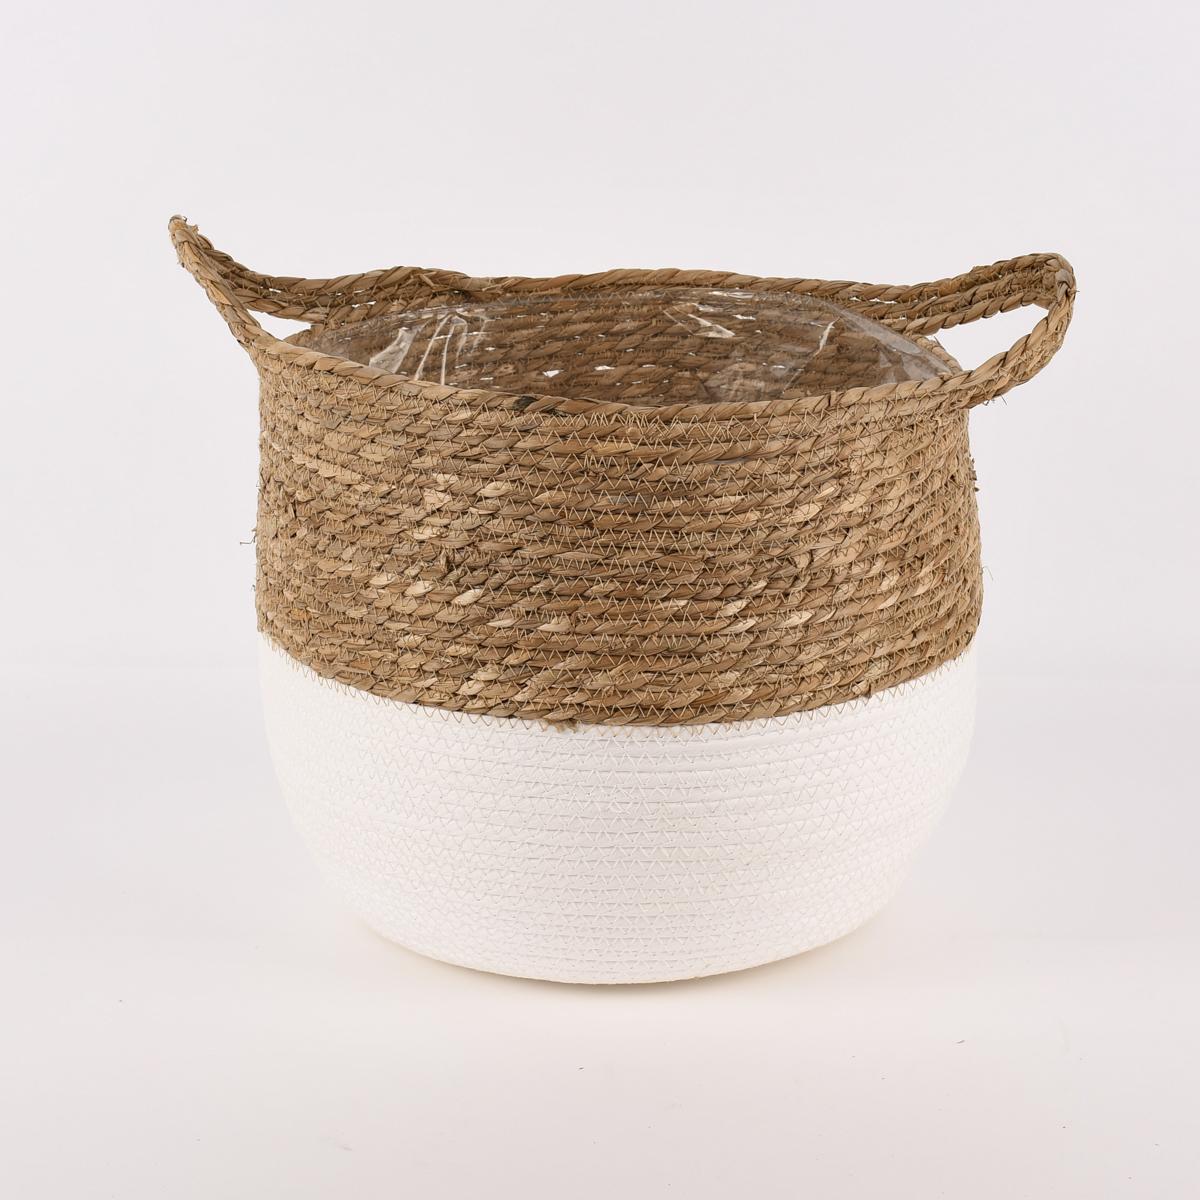 Korb aus Seegras zweifarbig rund mit Henkeln natur weiß verschiedene Größen